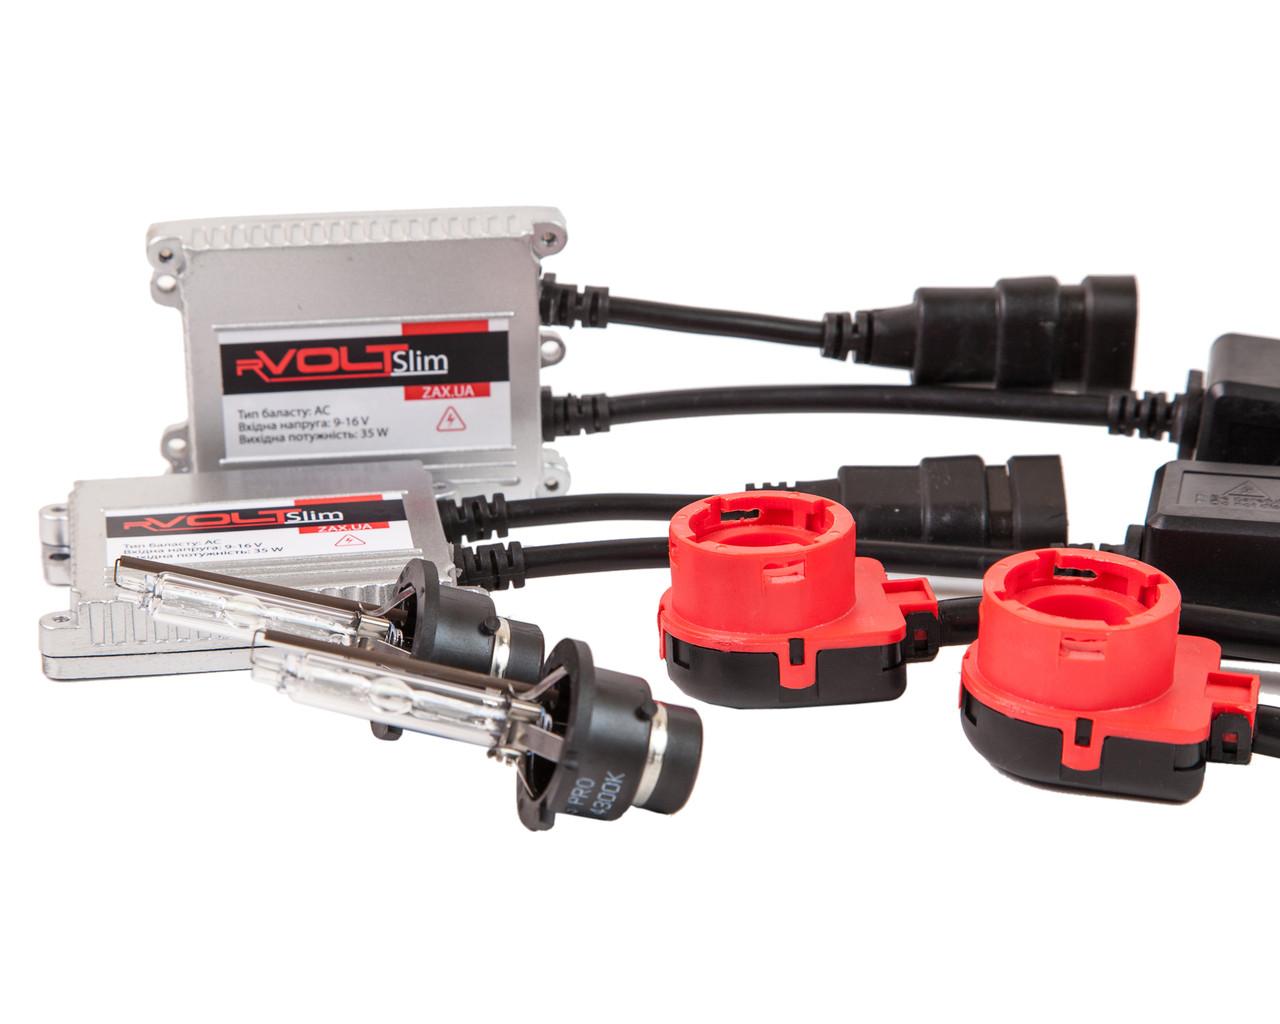 Комплект ксенона rVolt slim 35W 9-16V D2S Pro 5000K